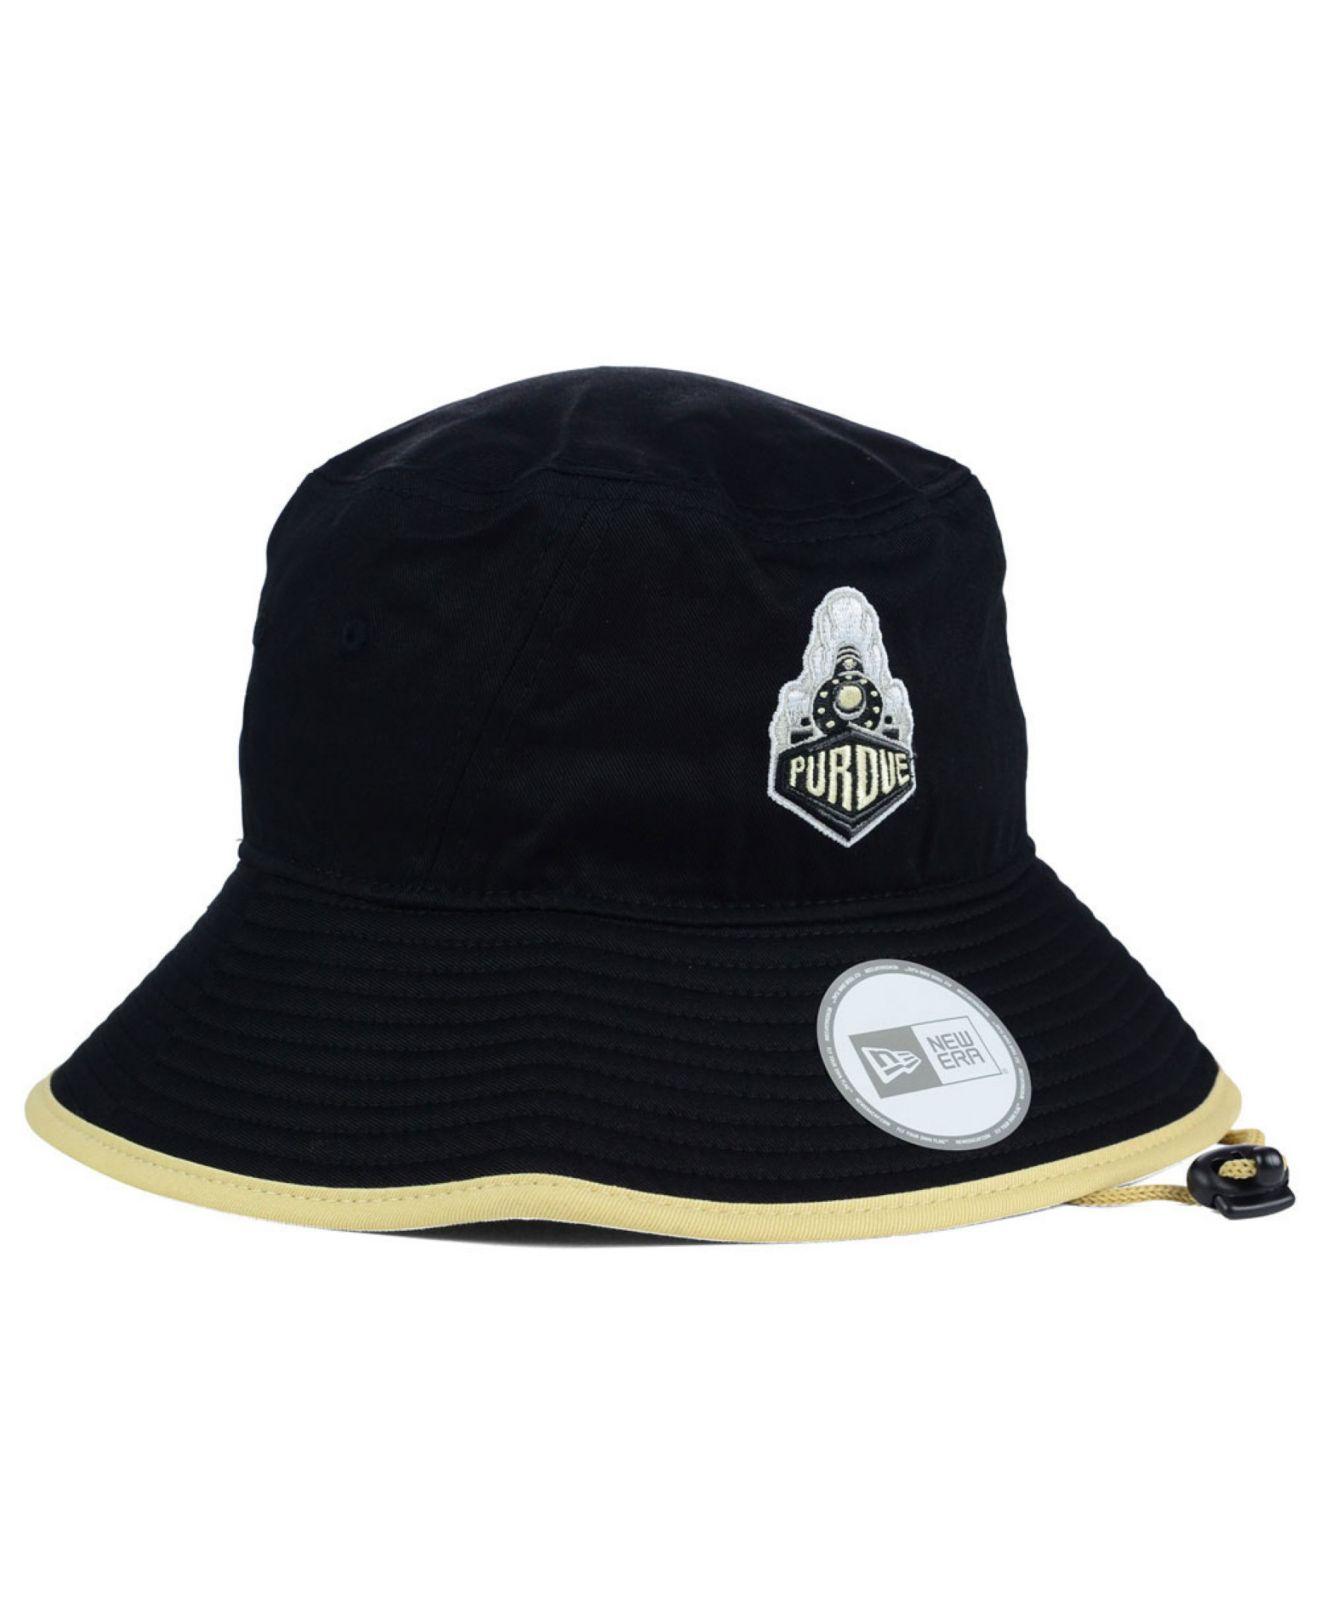 Lyst - Ktz Purdue Boilermakers Tip Bucket Hat in Black for Men